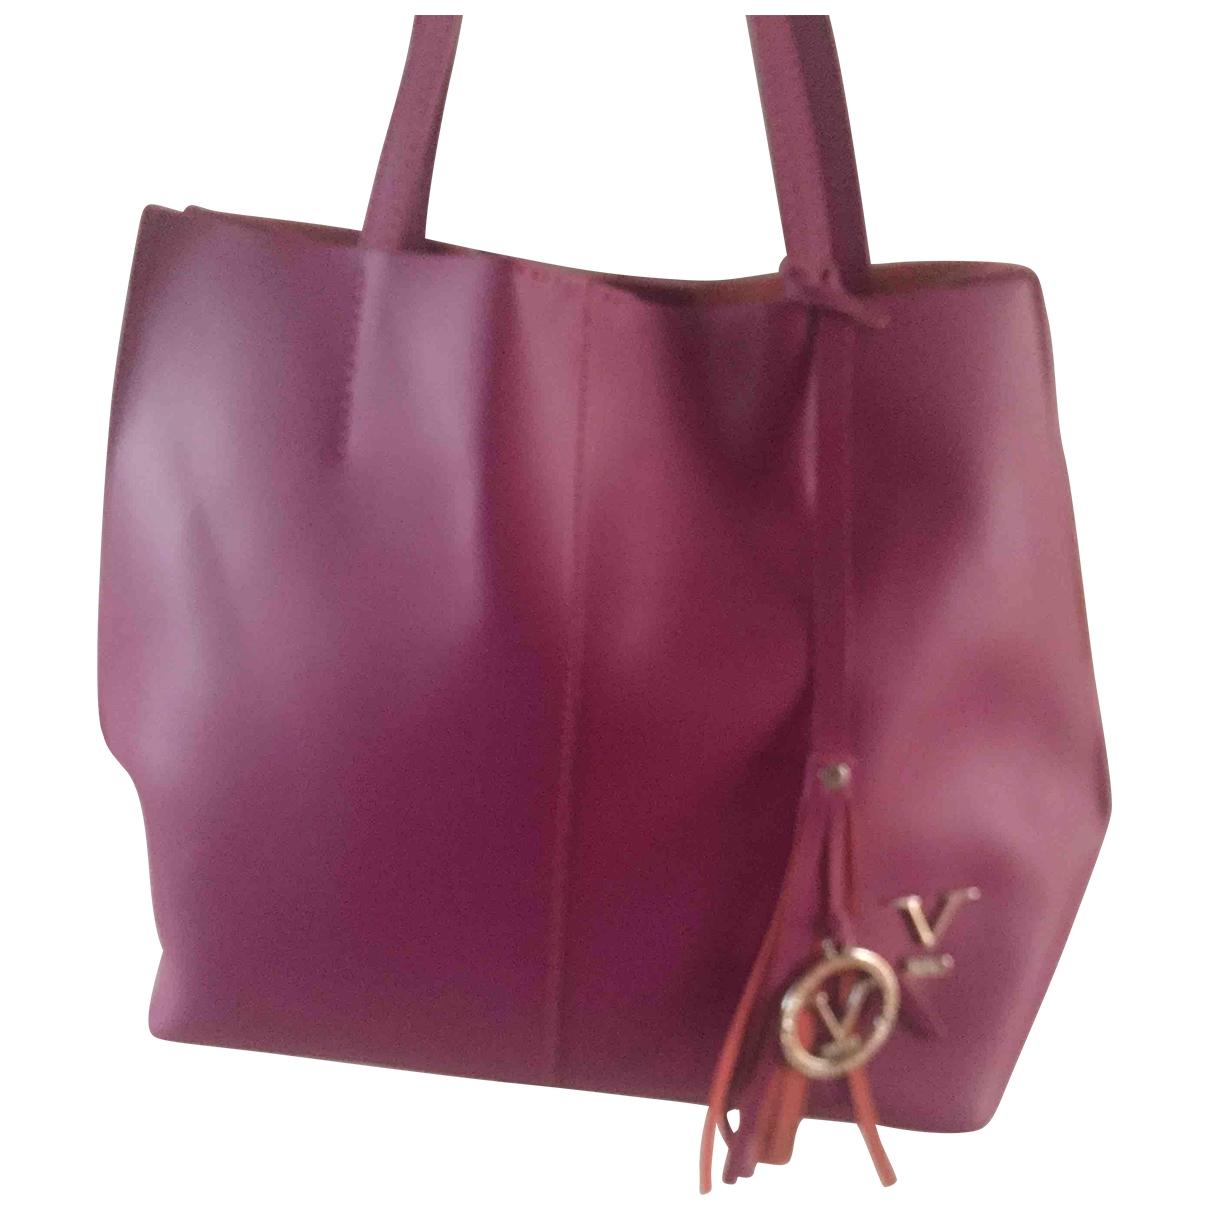 Versus \N Leather handbag for Women \N